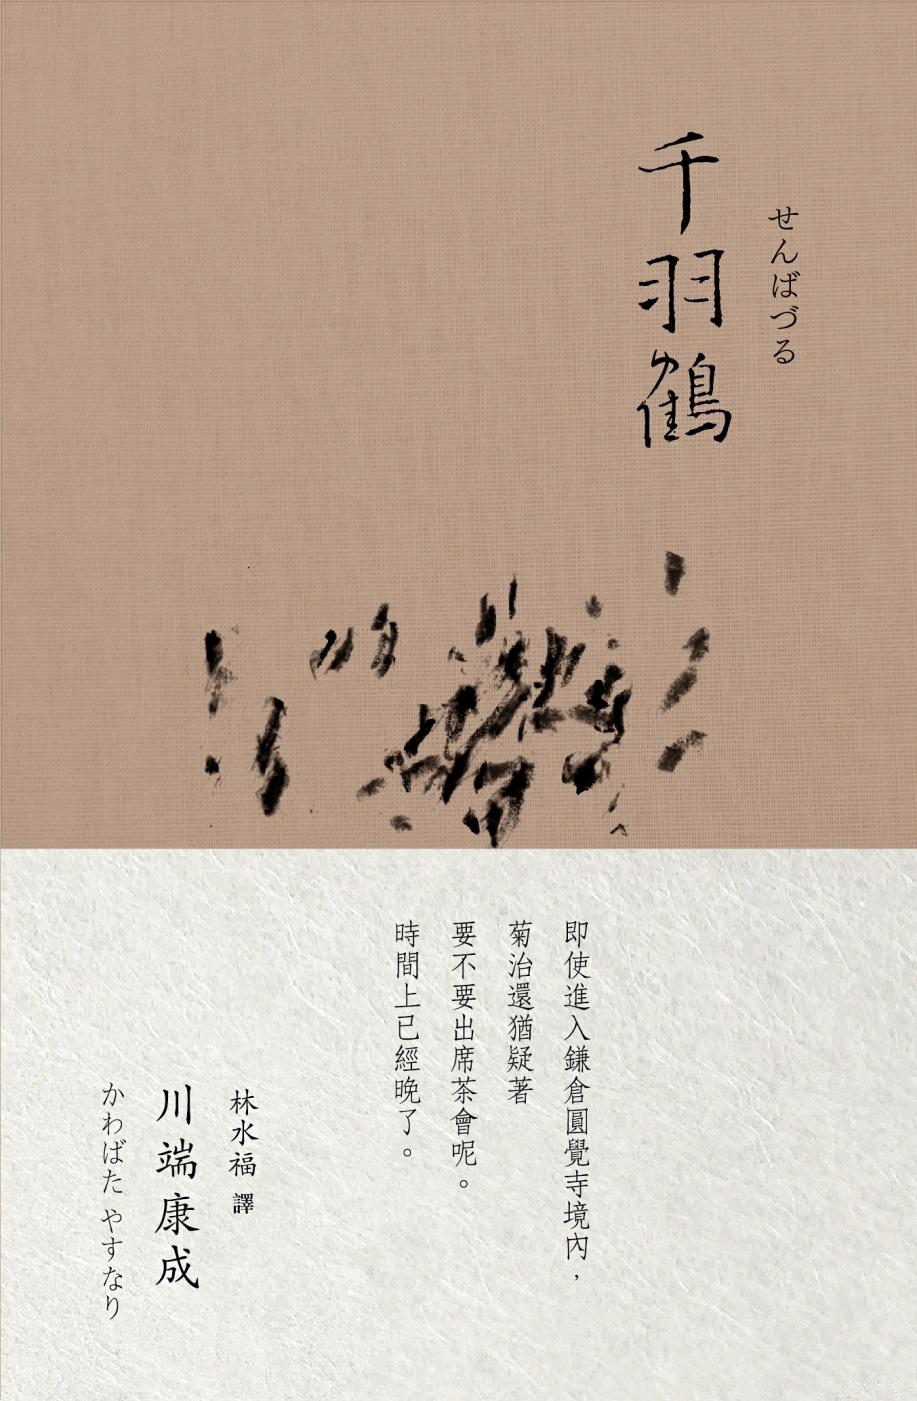 千羽鶴(川端康成 諾貝爾獎作品集2)